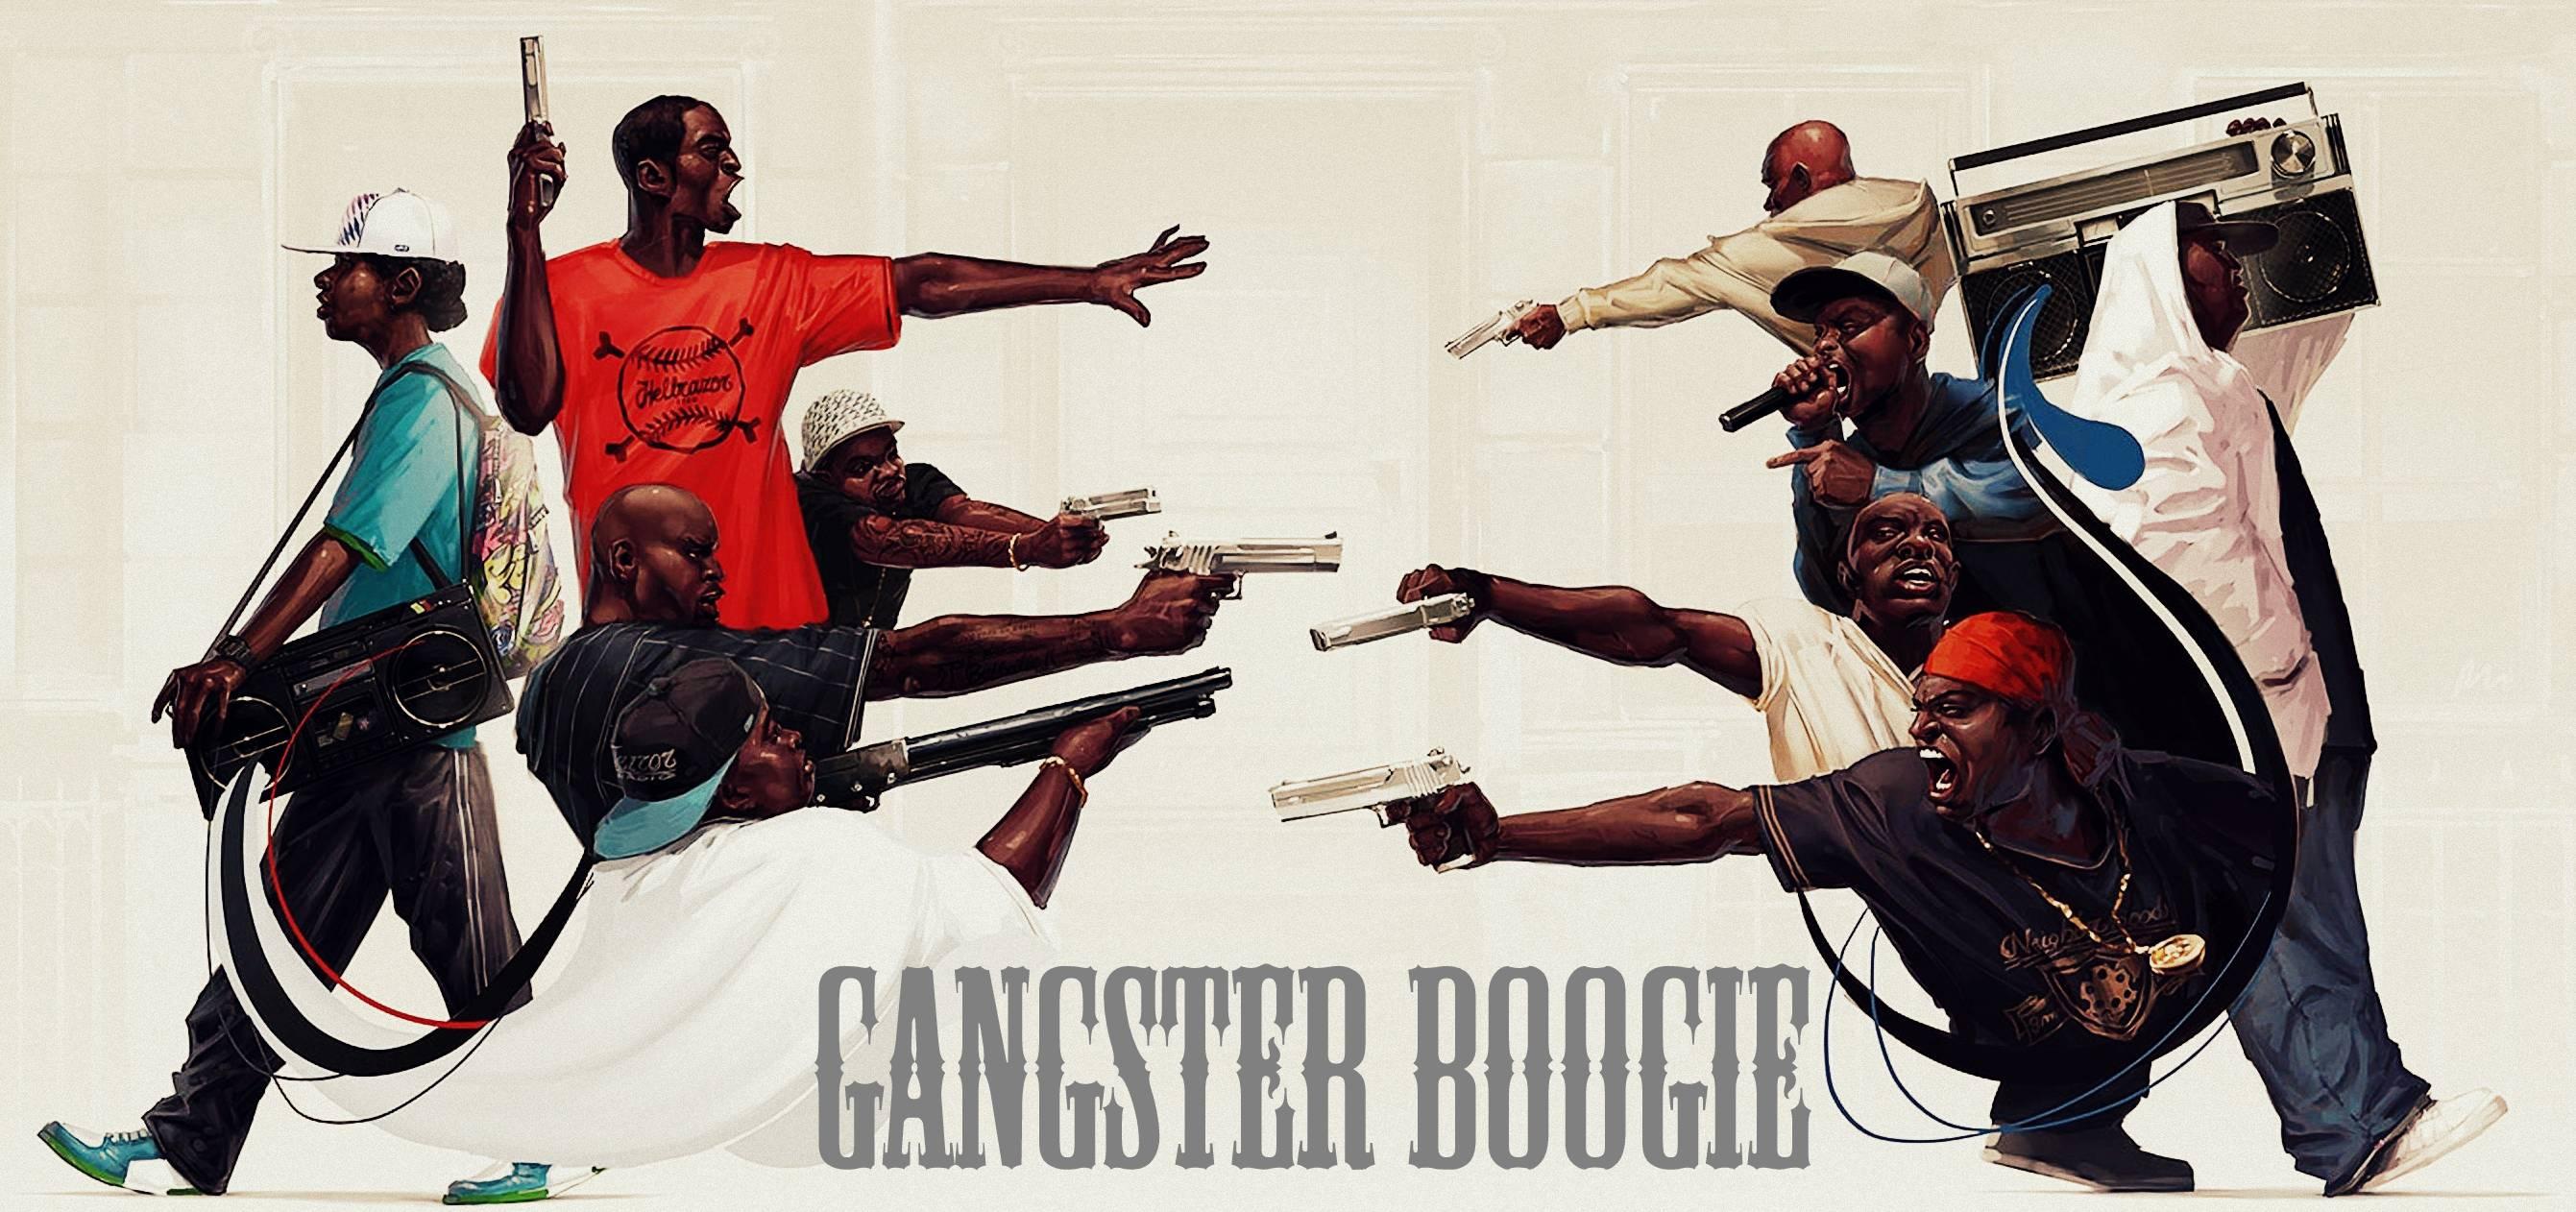 Gangster Boogie - 1